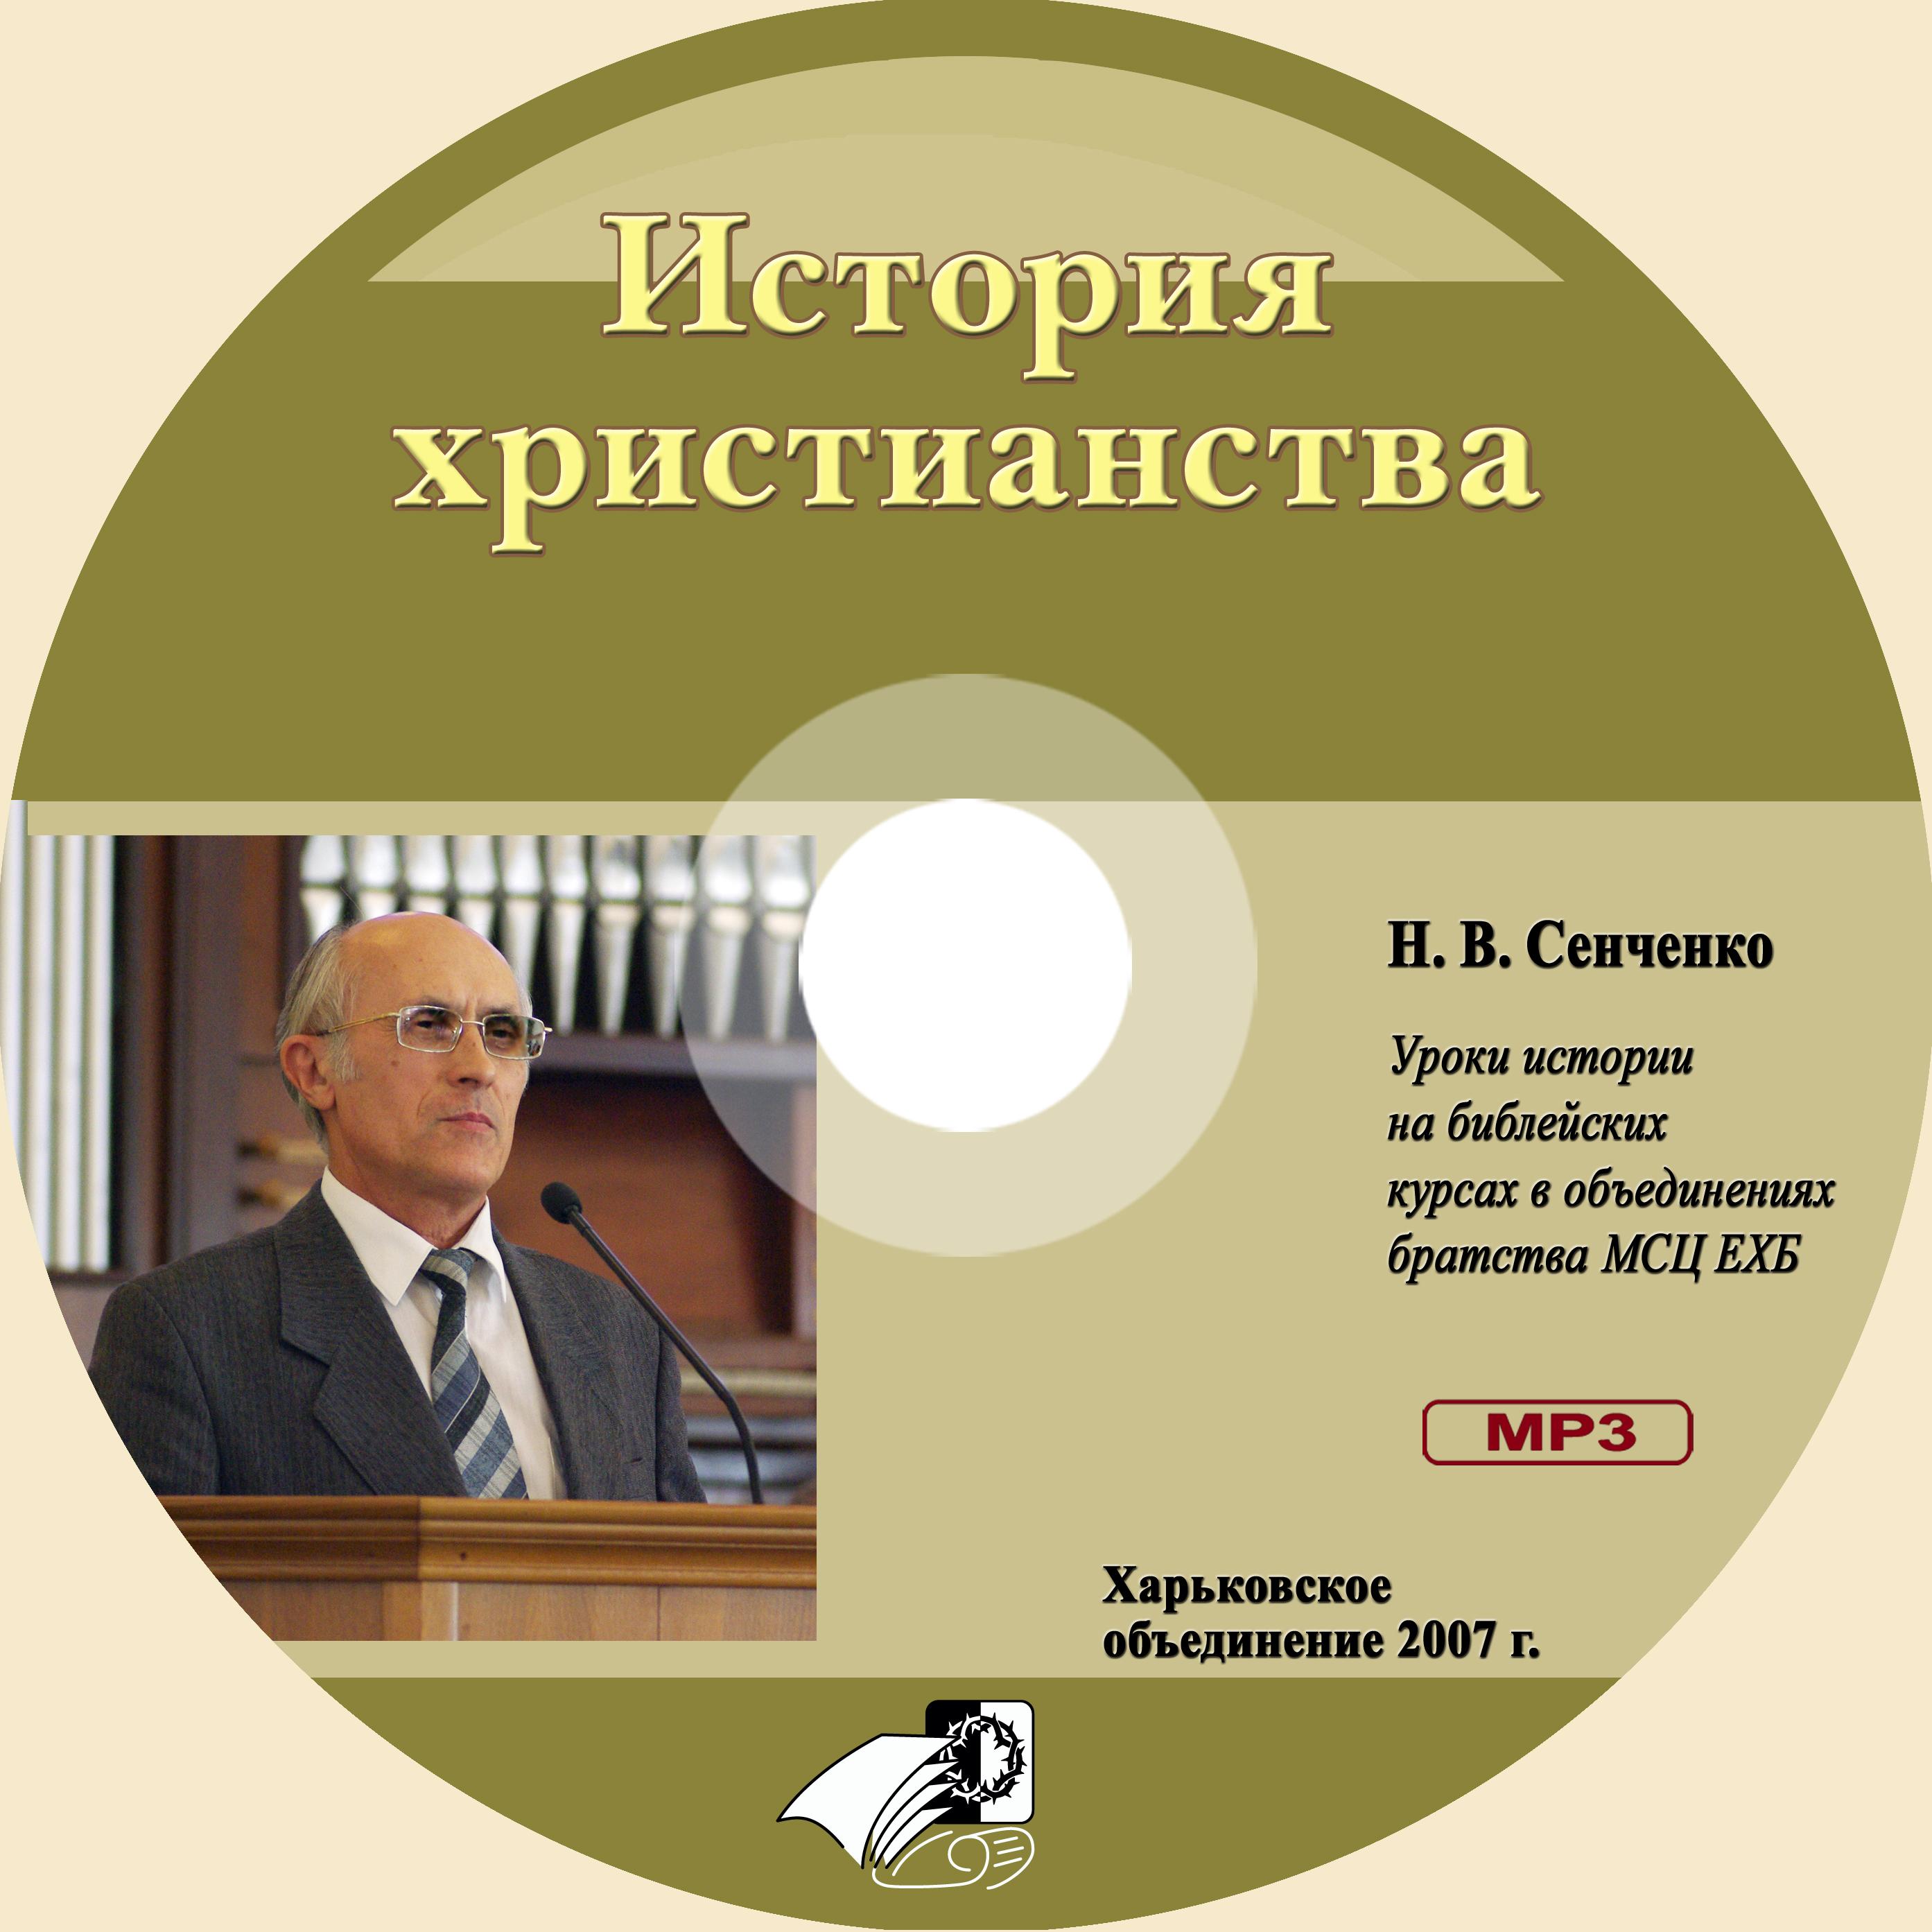 История христианства-2. Н. В. Сенченко (Украина, г. Харьков, 2007 г.)